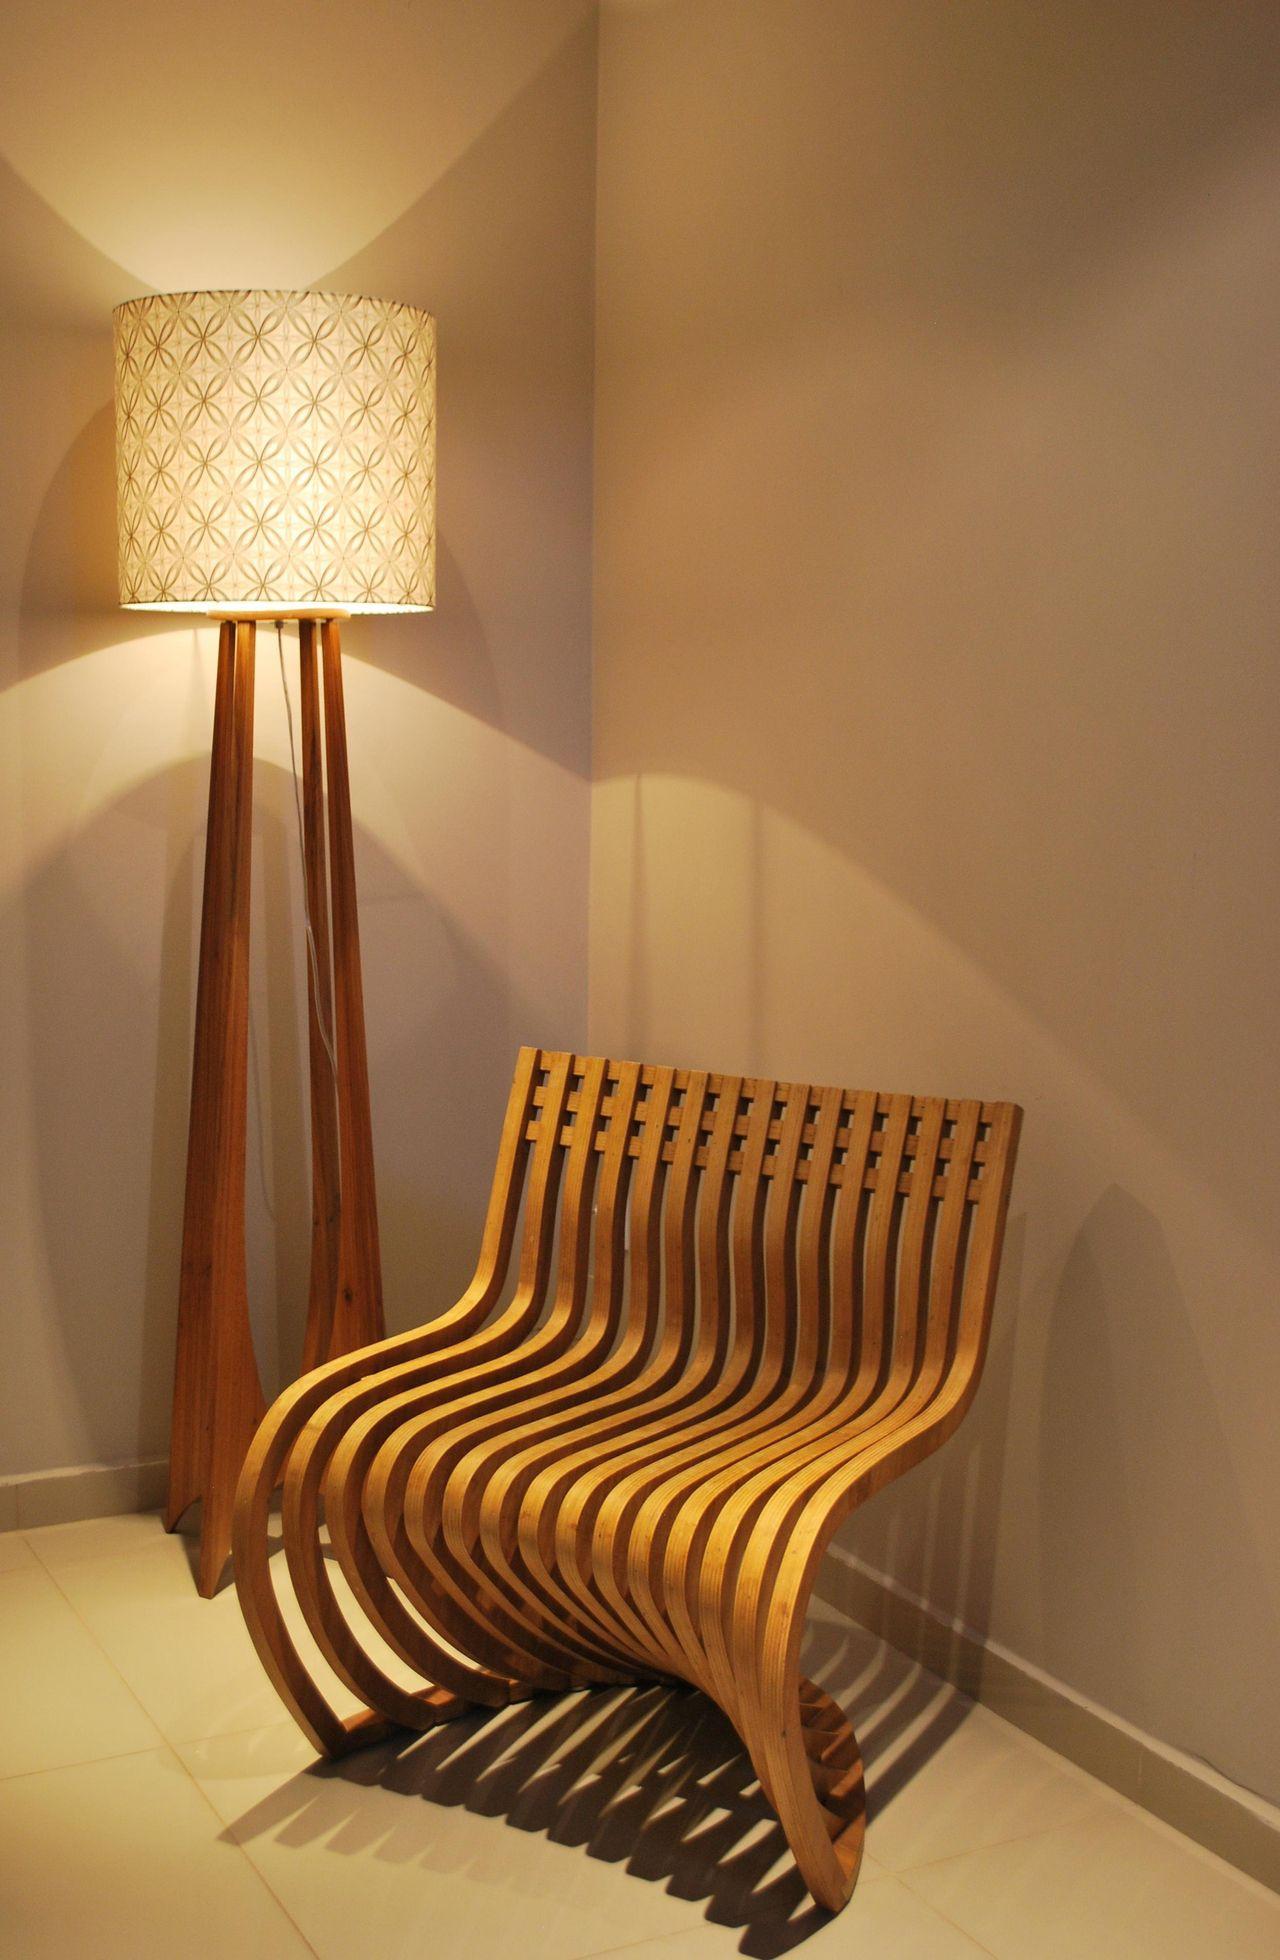 Abajour Design Lzf Link Suspension Pendant Lights By Spanish  -> Abajour Para Sala De Estar